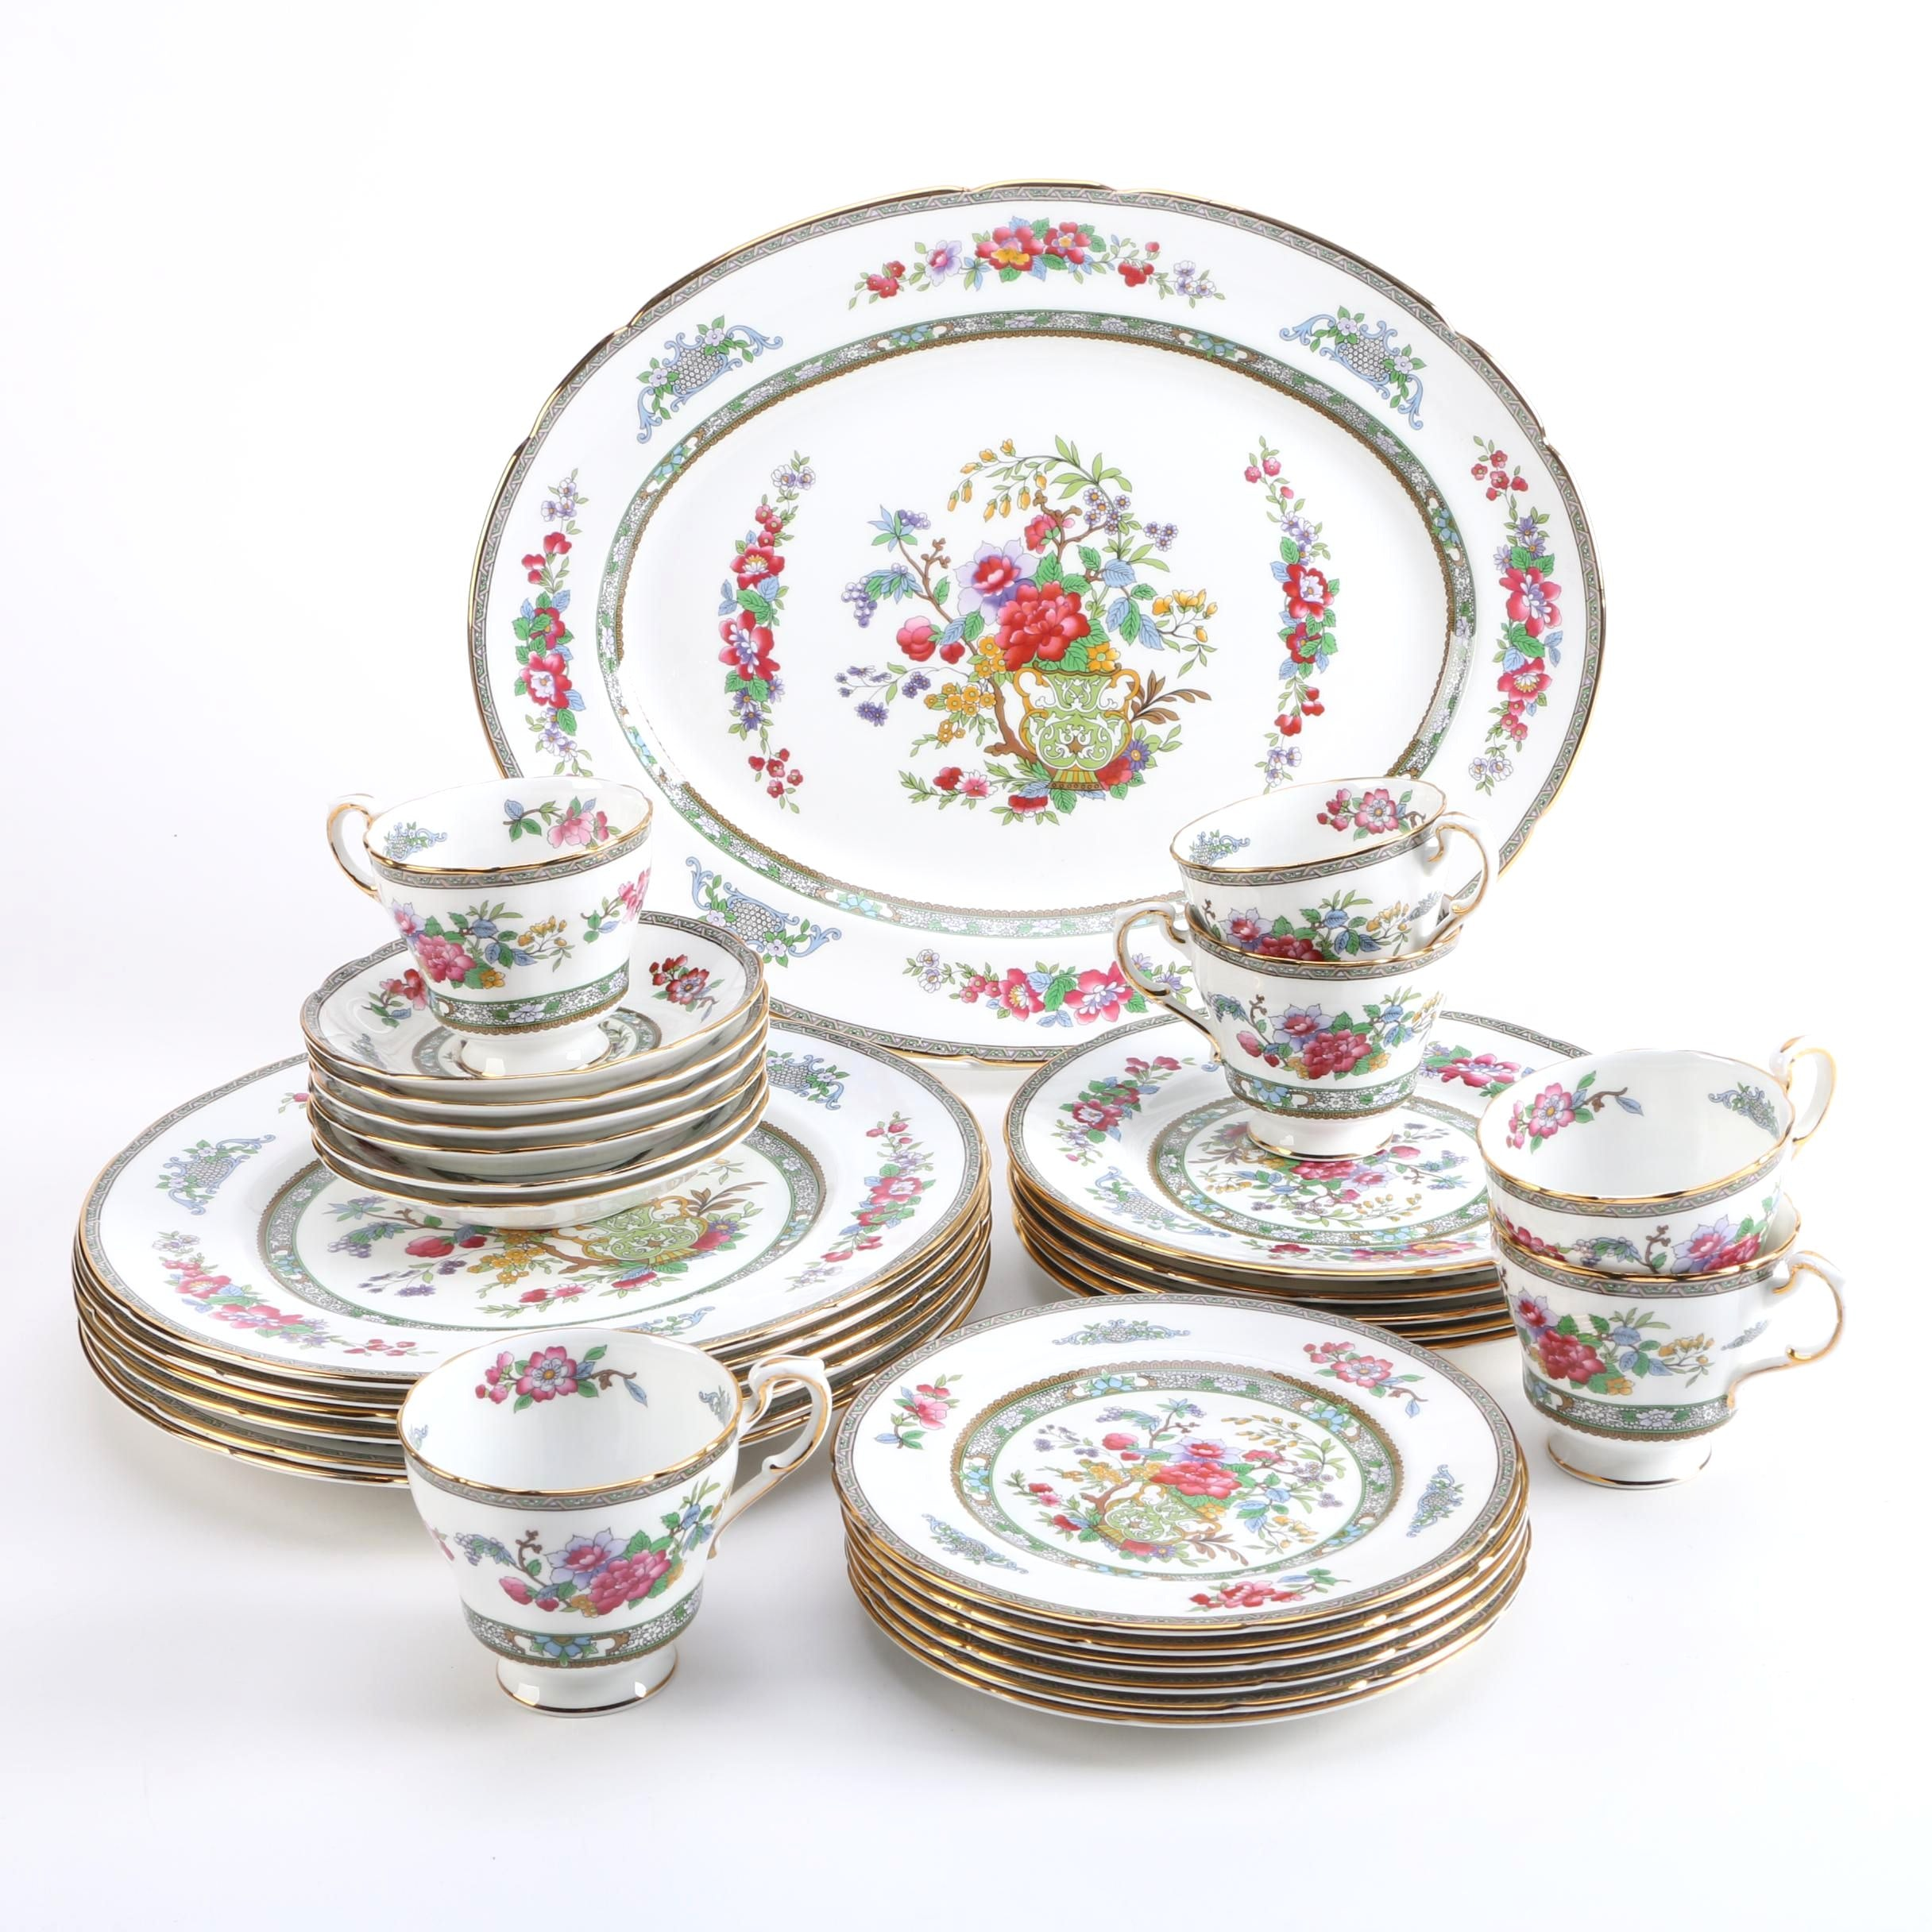 Paragon  Tree of Kashmir  Porcelain Service ...  sc 1 st  EBTH.com & Paragon